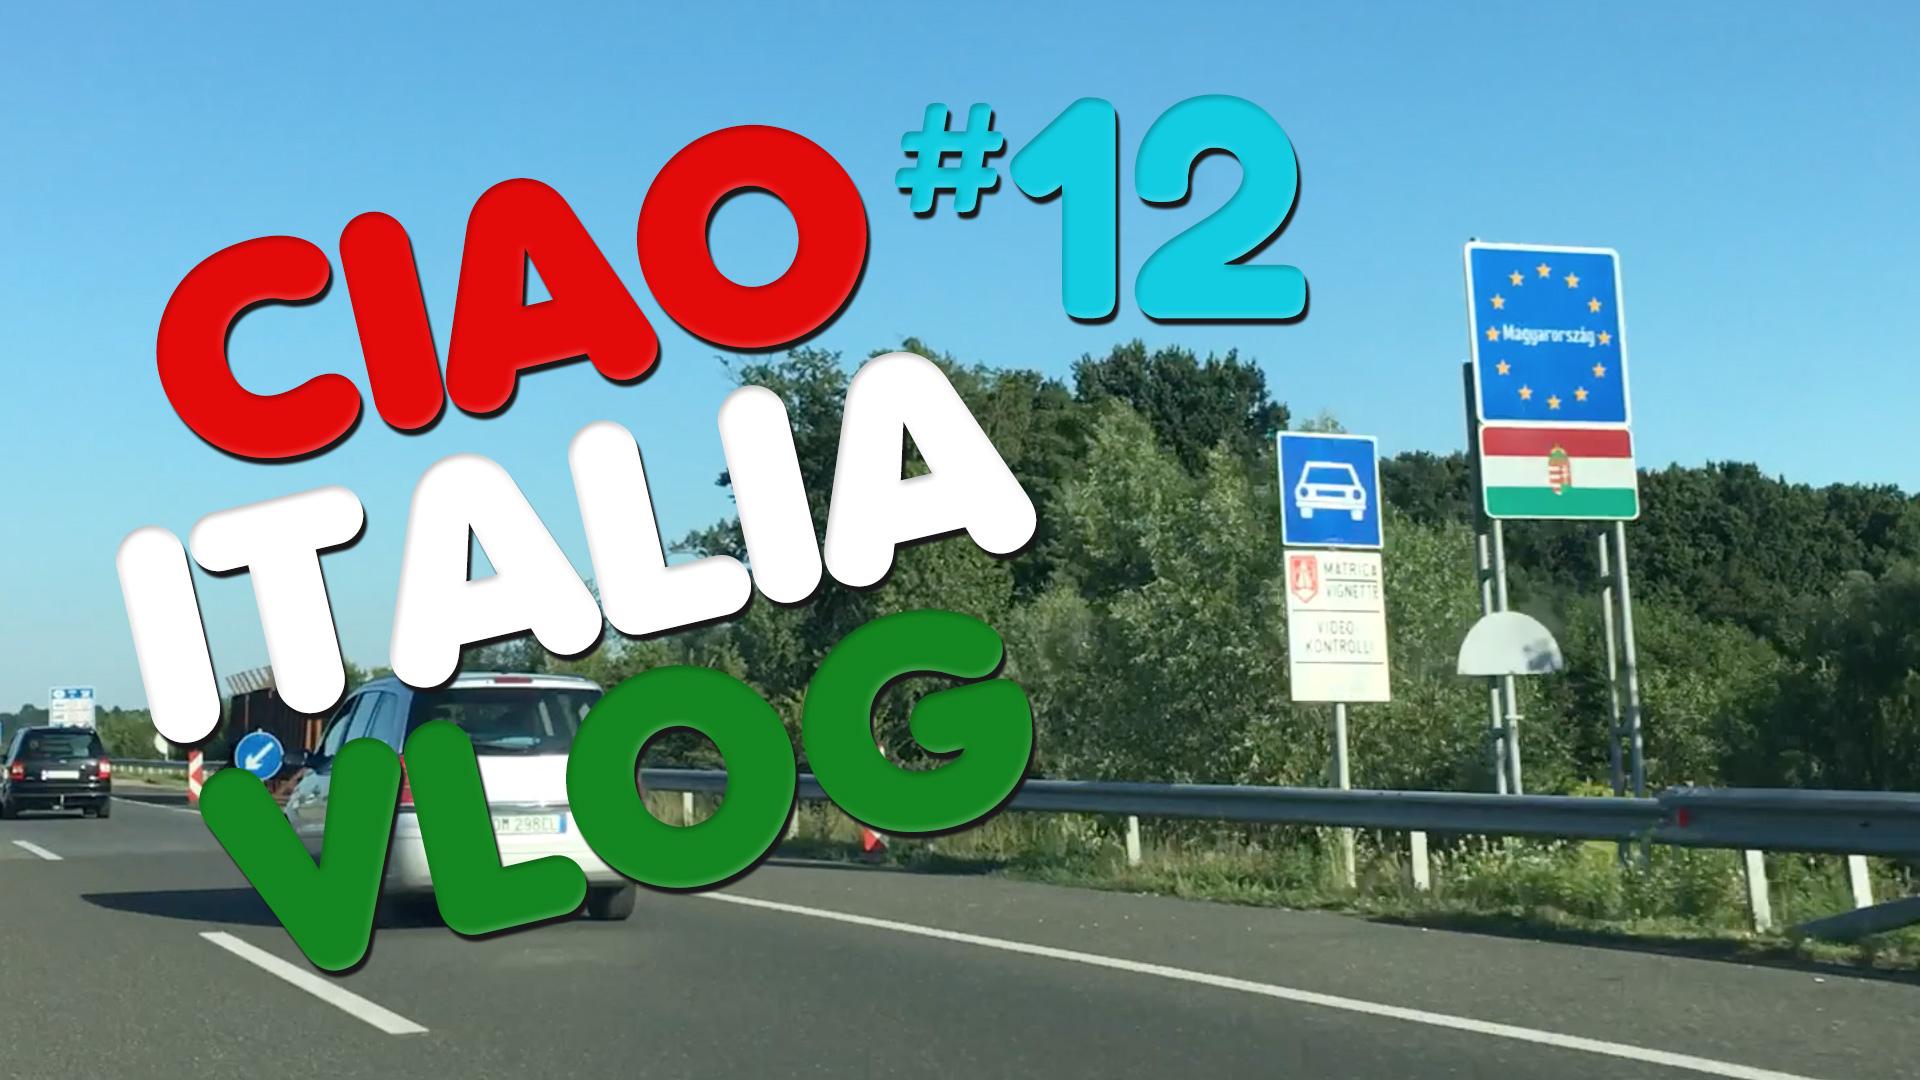 Ciao Italia Vlog 12. – Itt a vége